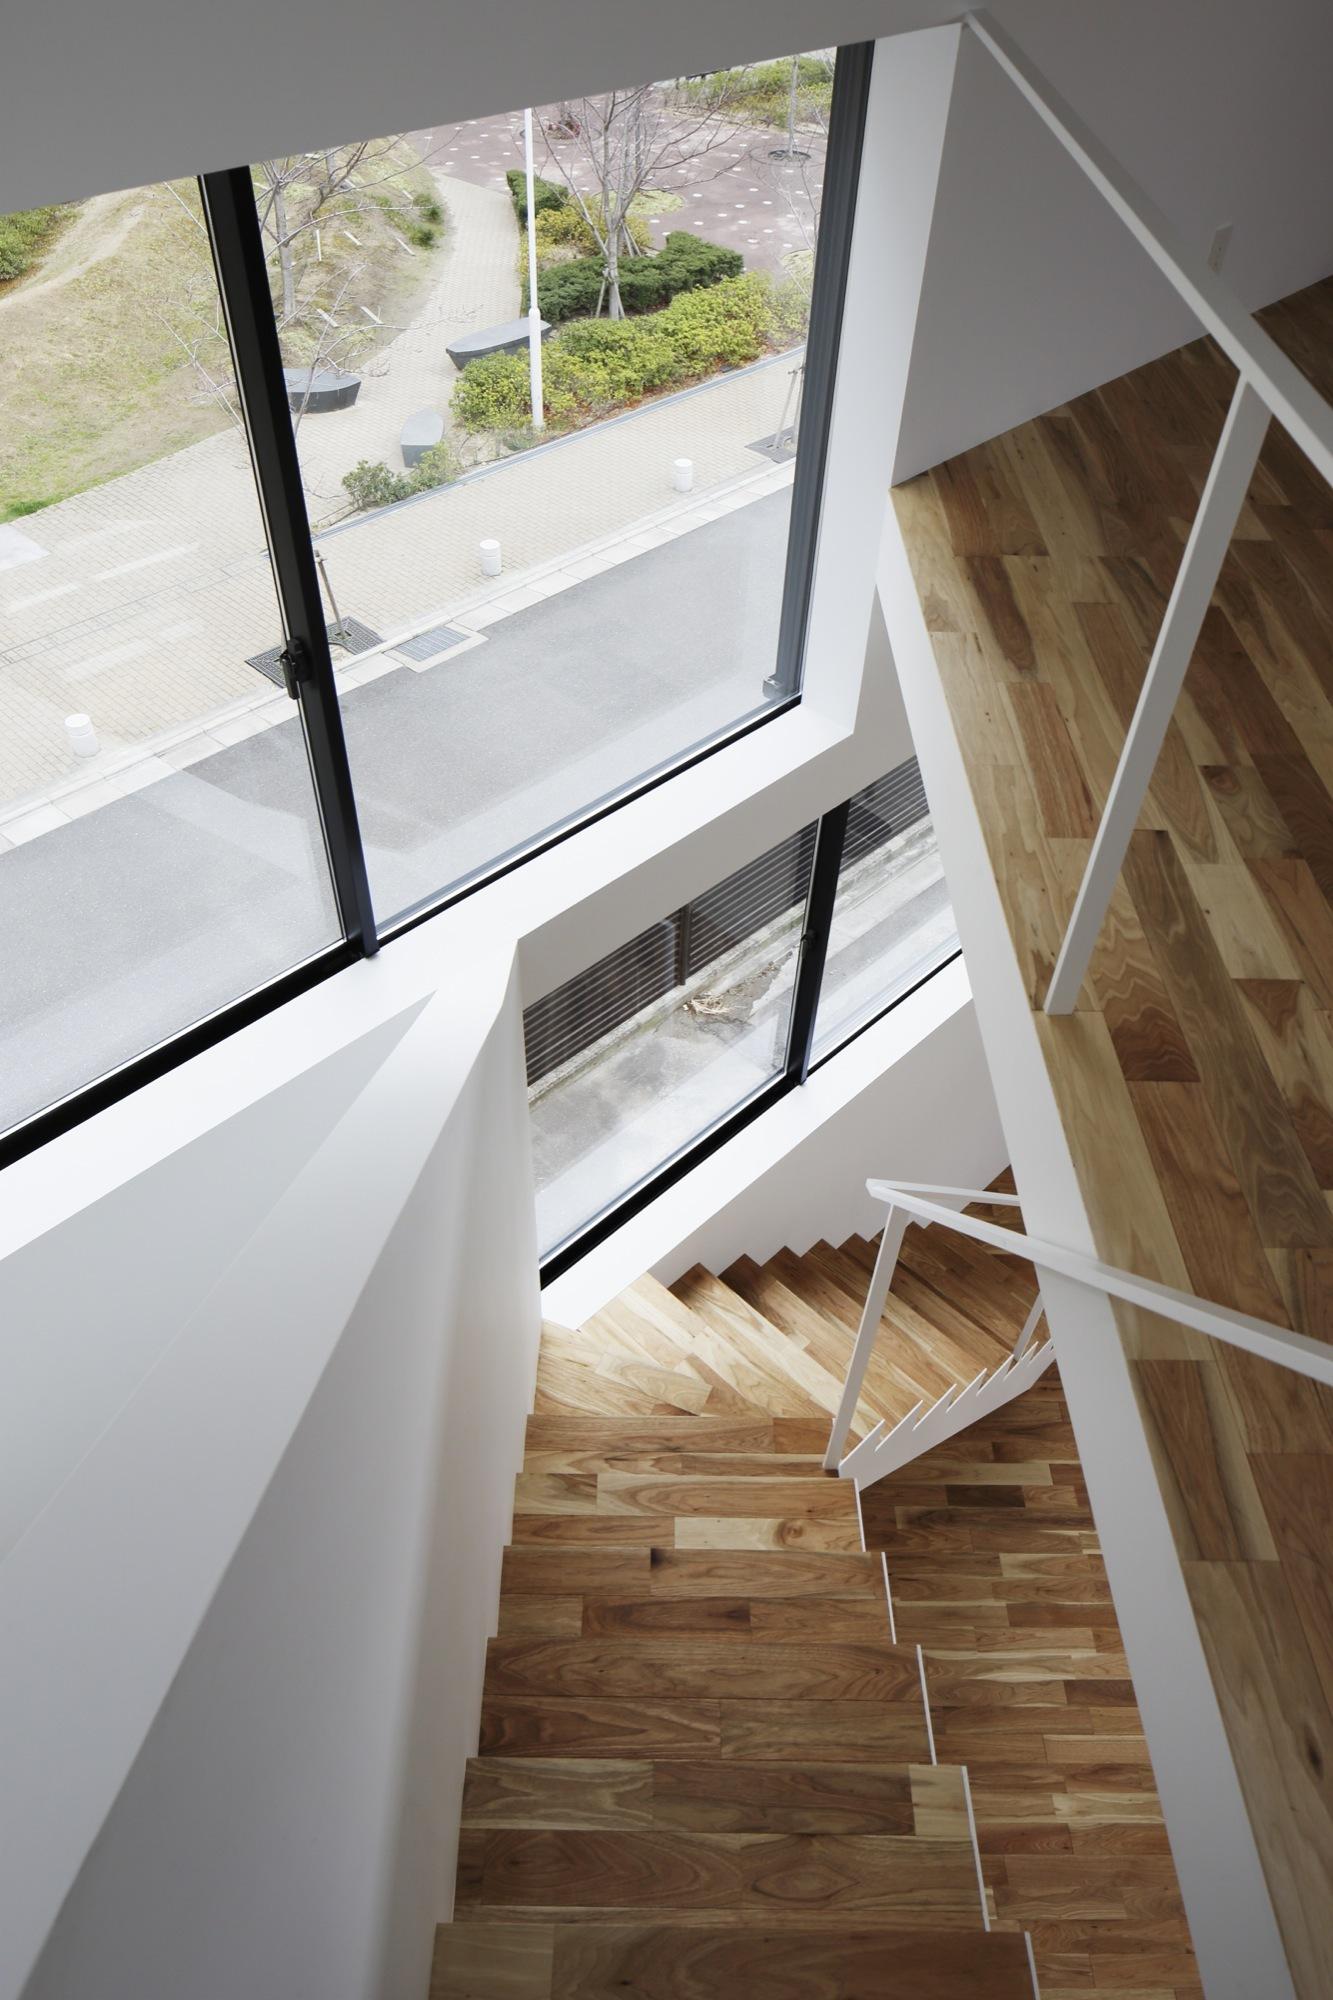 agrandar una ventana de casa Galera De Casa De La Ventana En Espiral Alphaville 3